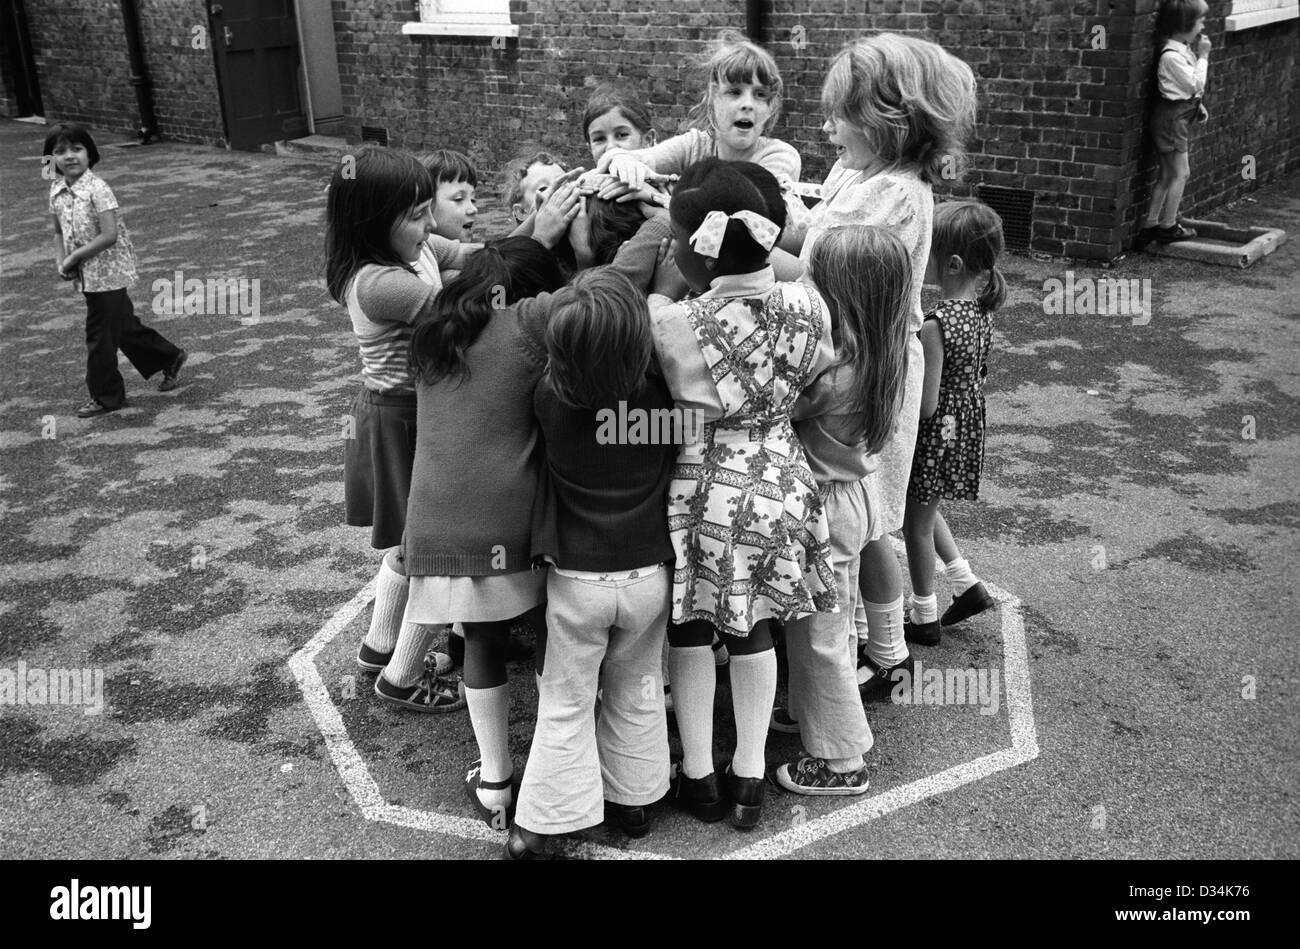 Los niños de la escuela las niñas jugando juegos para los niños pequeños. 1970 El sur de Londres. Imagen De Stock